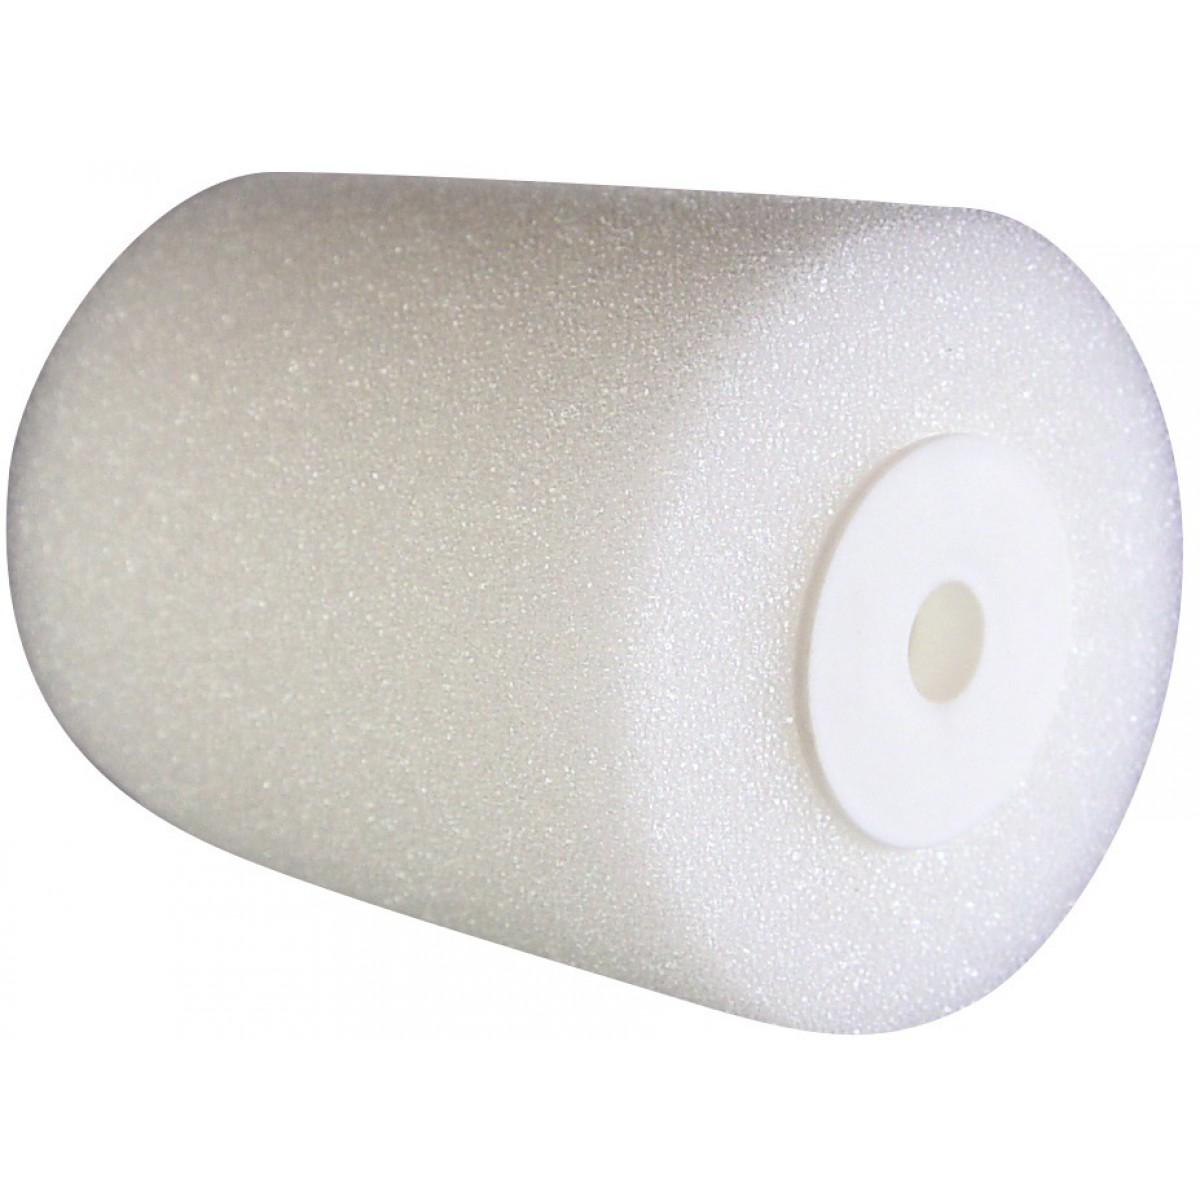 Manchon pour rouleau tous travaux petites surfaces Nespoli - Longueur 75 mm - Diamètre 60 mm